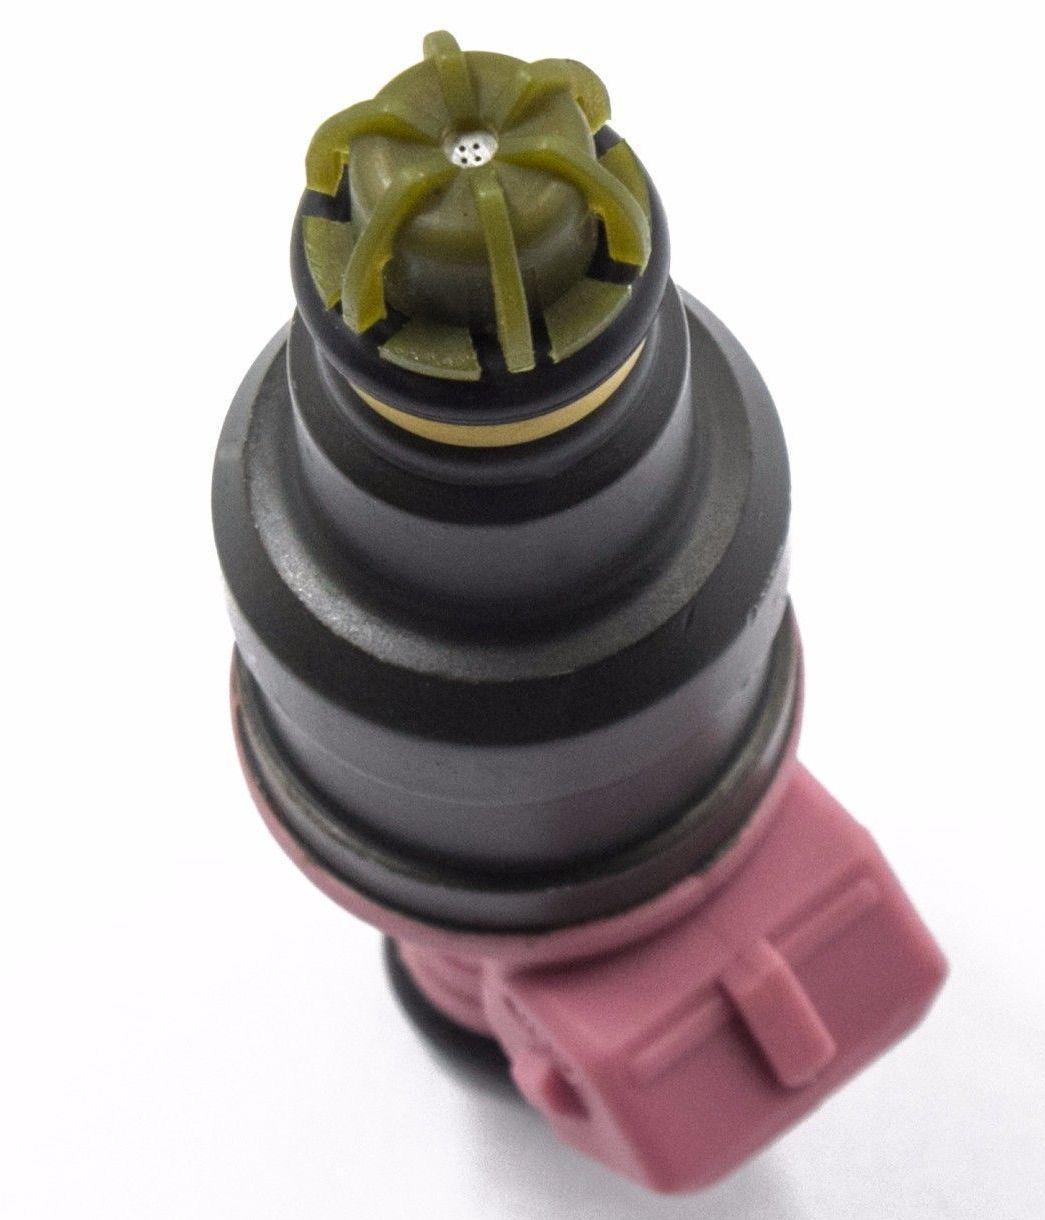 Bico Injetor Bmw Z3 M3 328is 328i 528i 2.8 e 3.2 de 1996 a 2000 -  0280150440